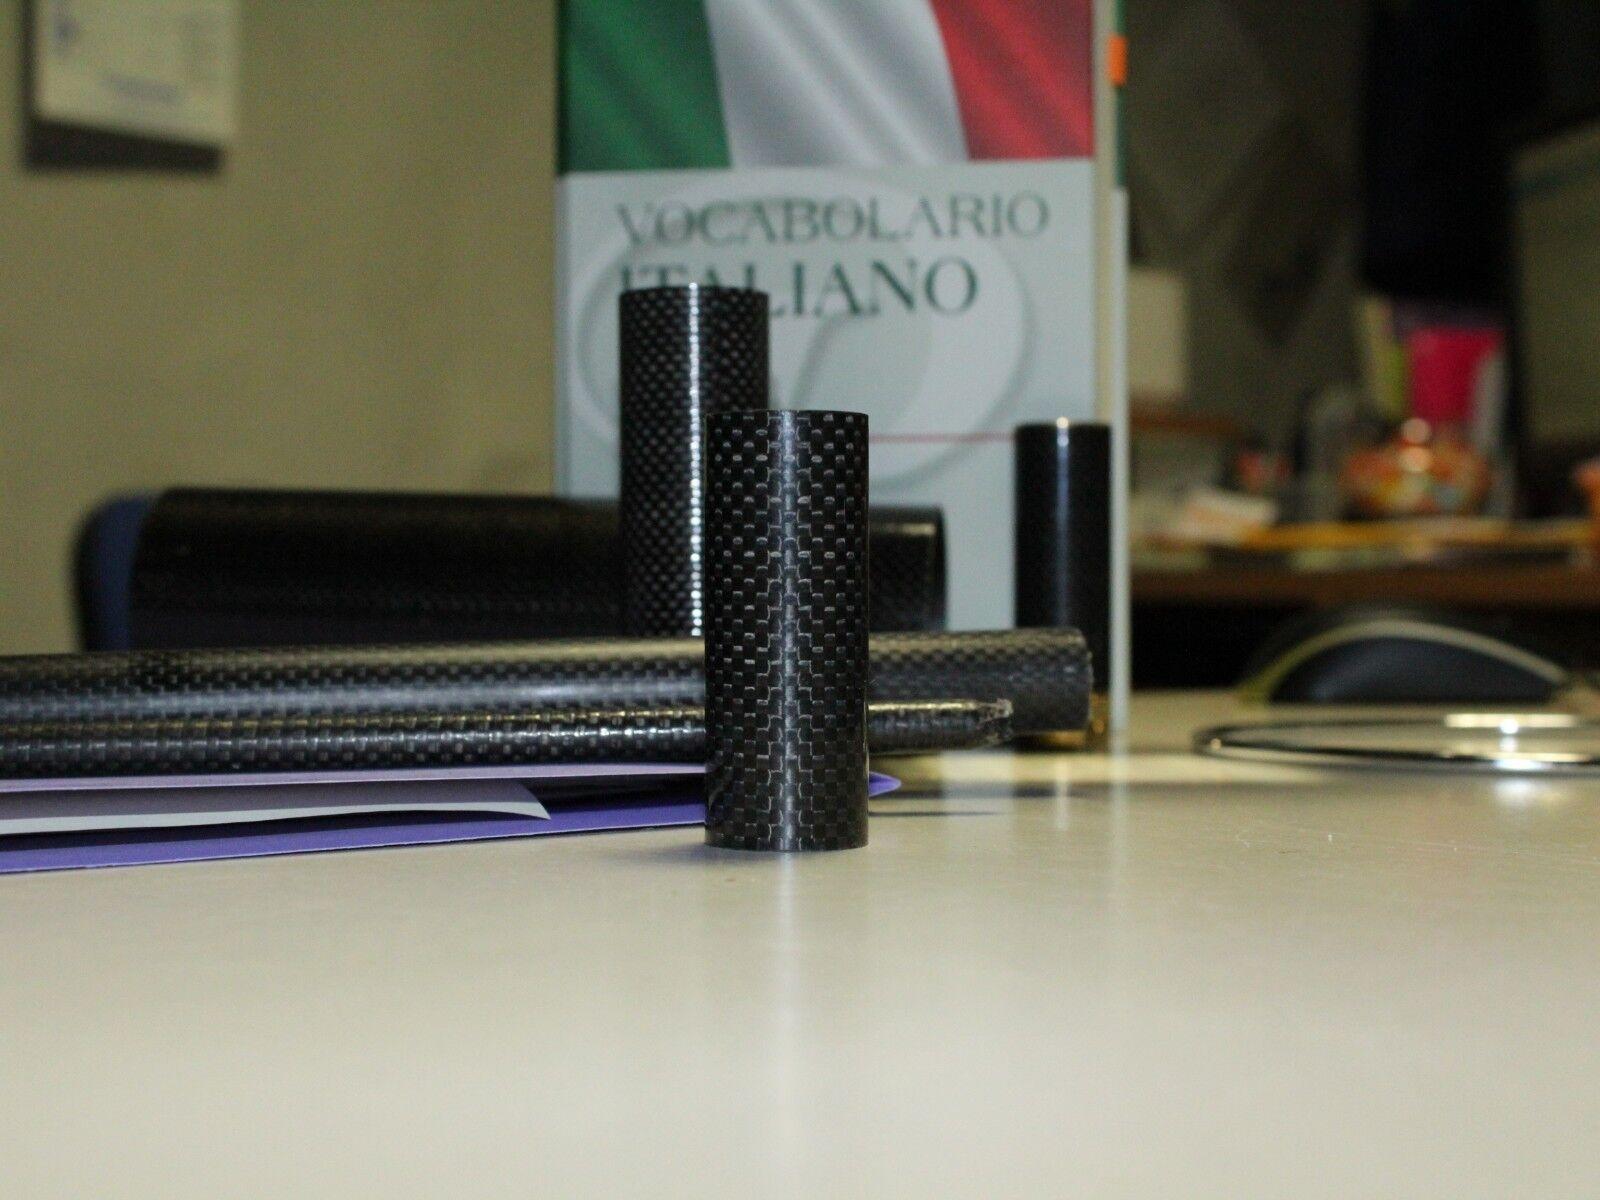 Canotto integrato in fibra di carbonio plain 3k est31.6 lung.650